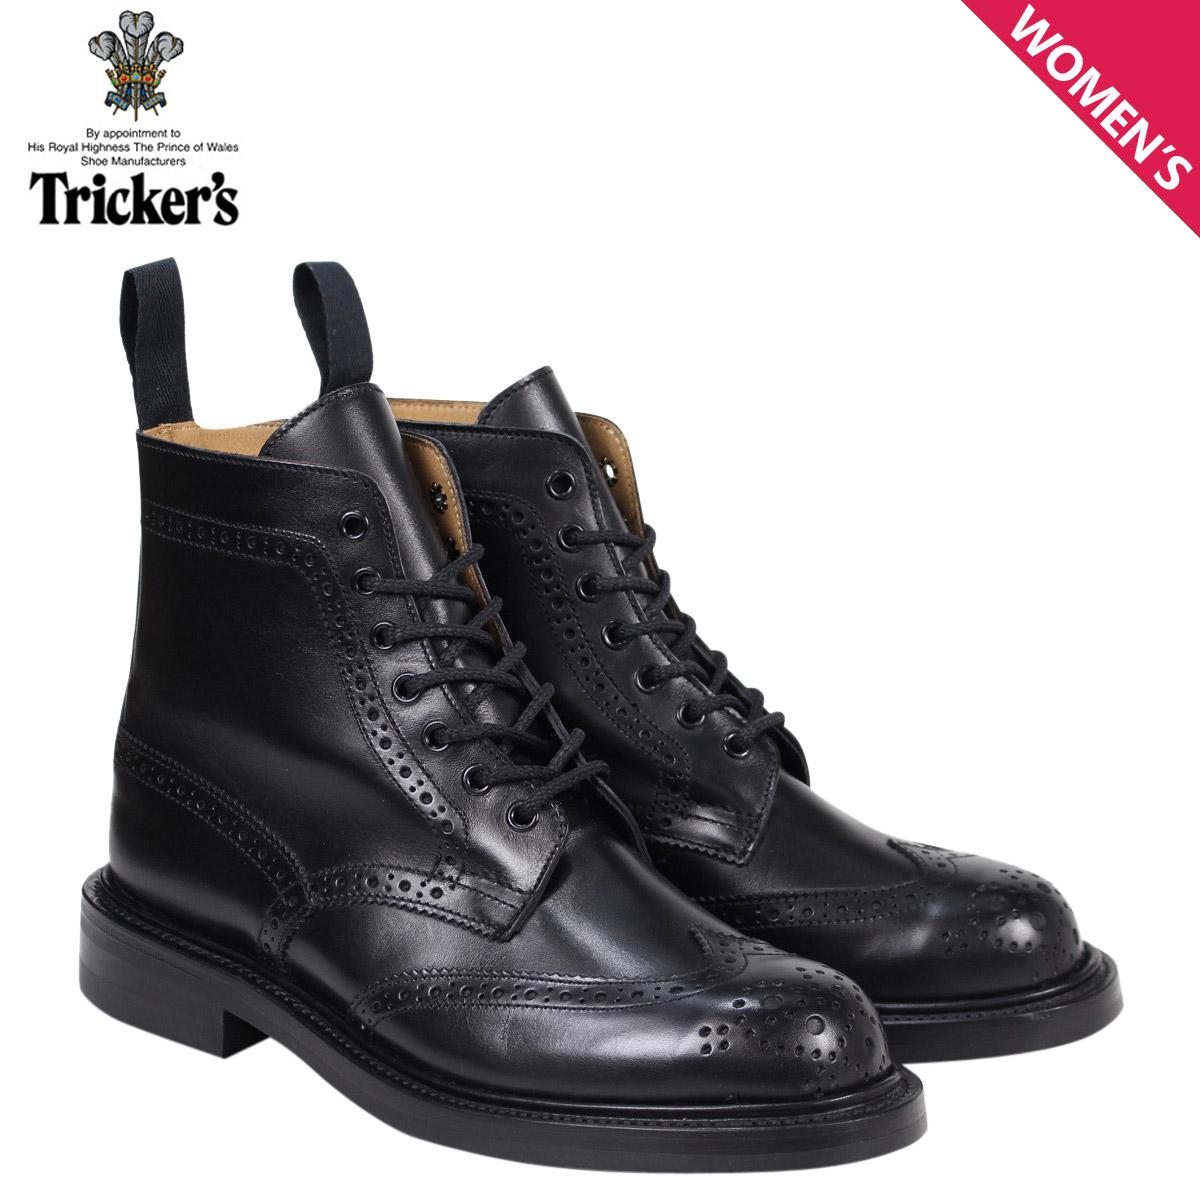 トリッカーズ Tricker's レディース カントリーブーツ MALTON L5676 4ワイズ ブラック